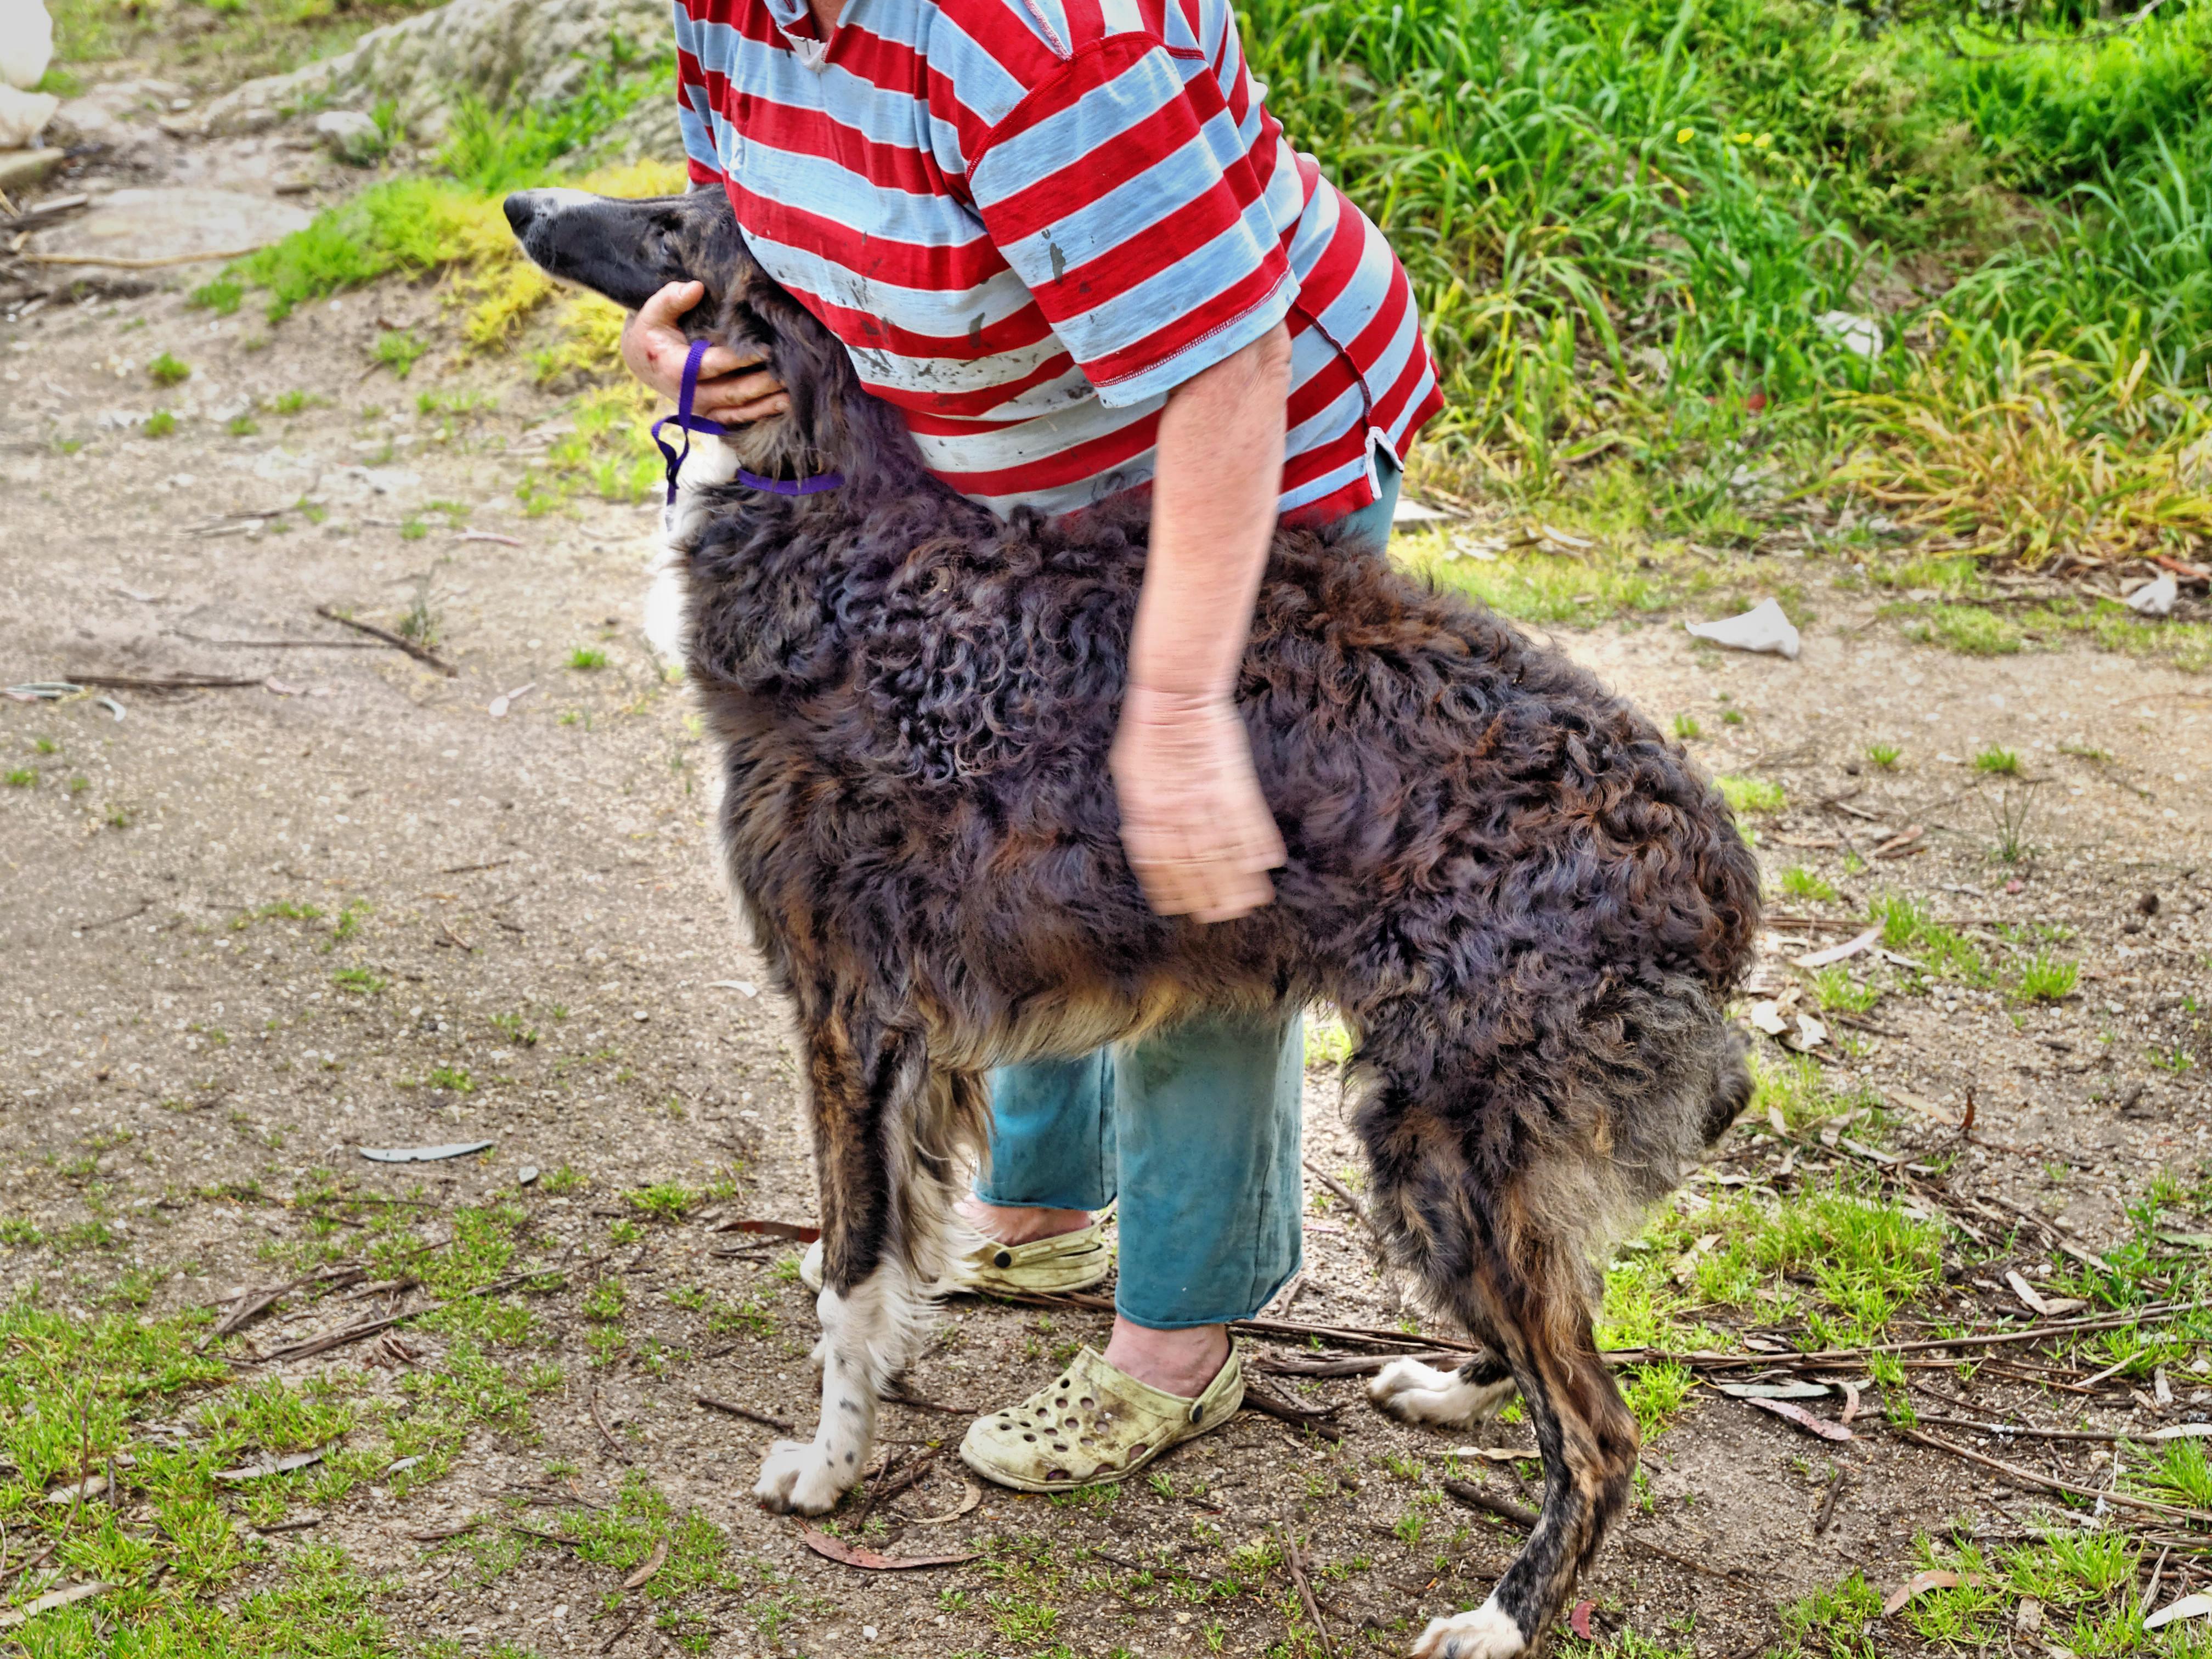 Dogs-36.jpeg